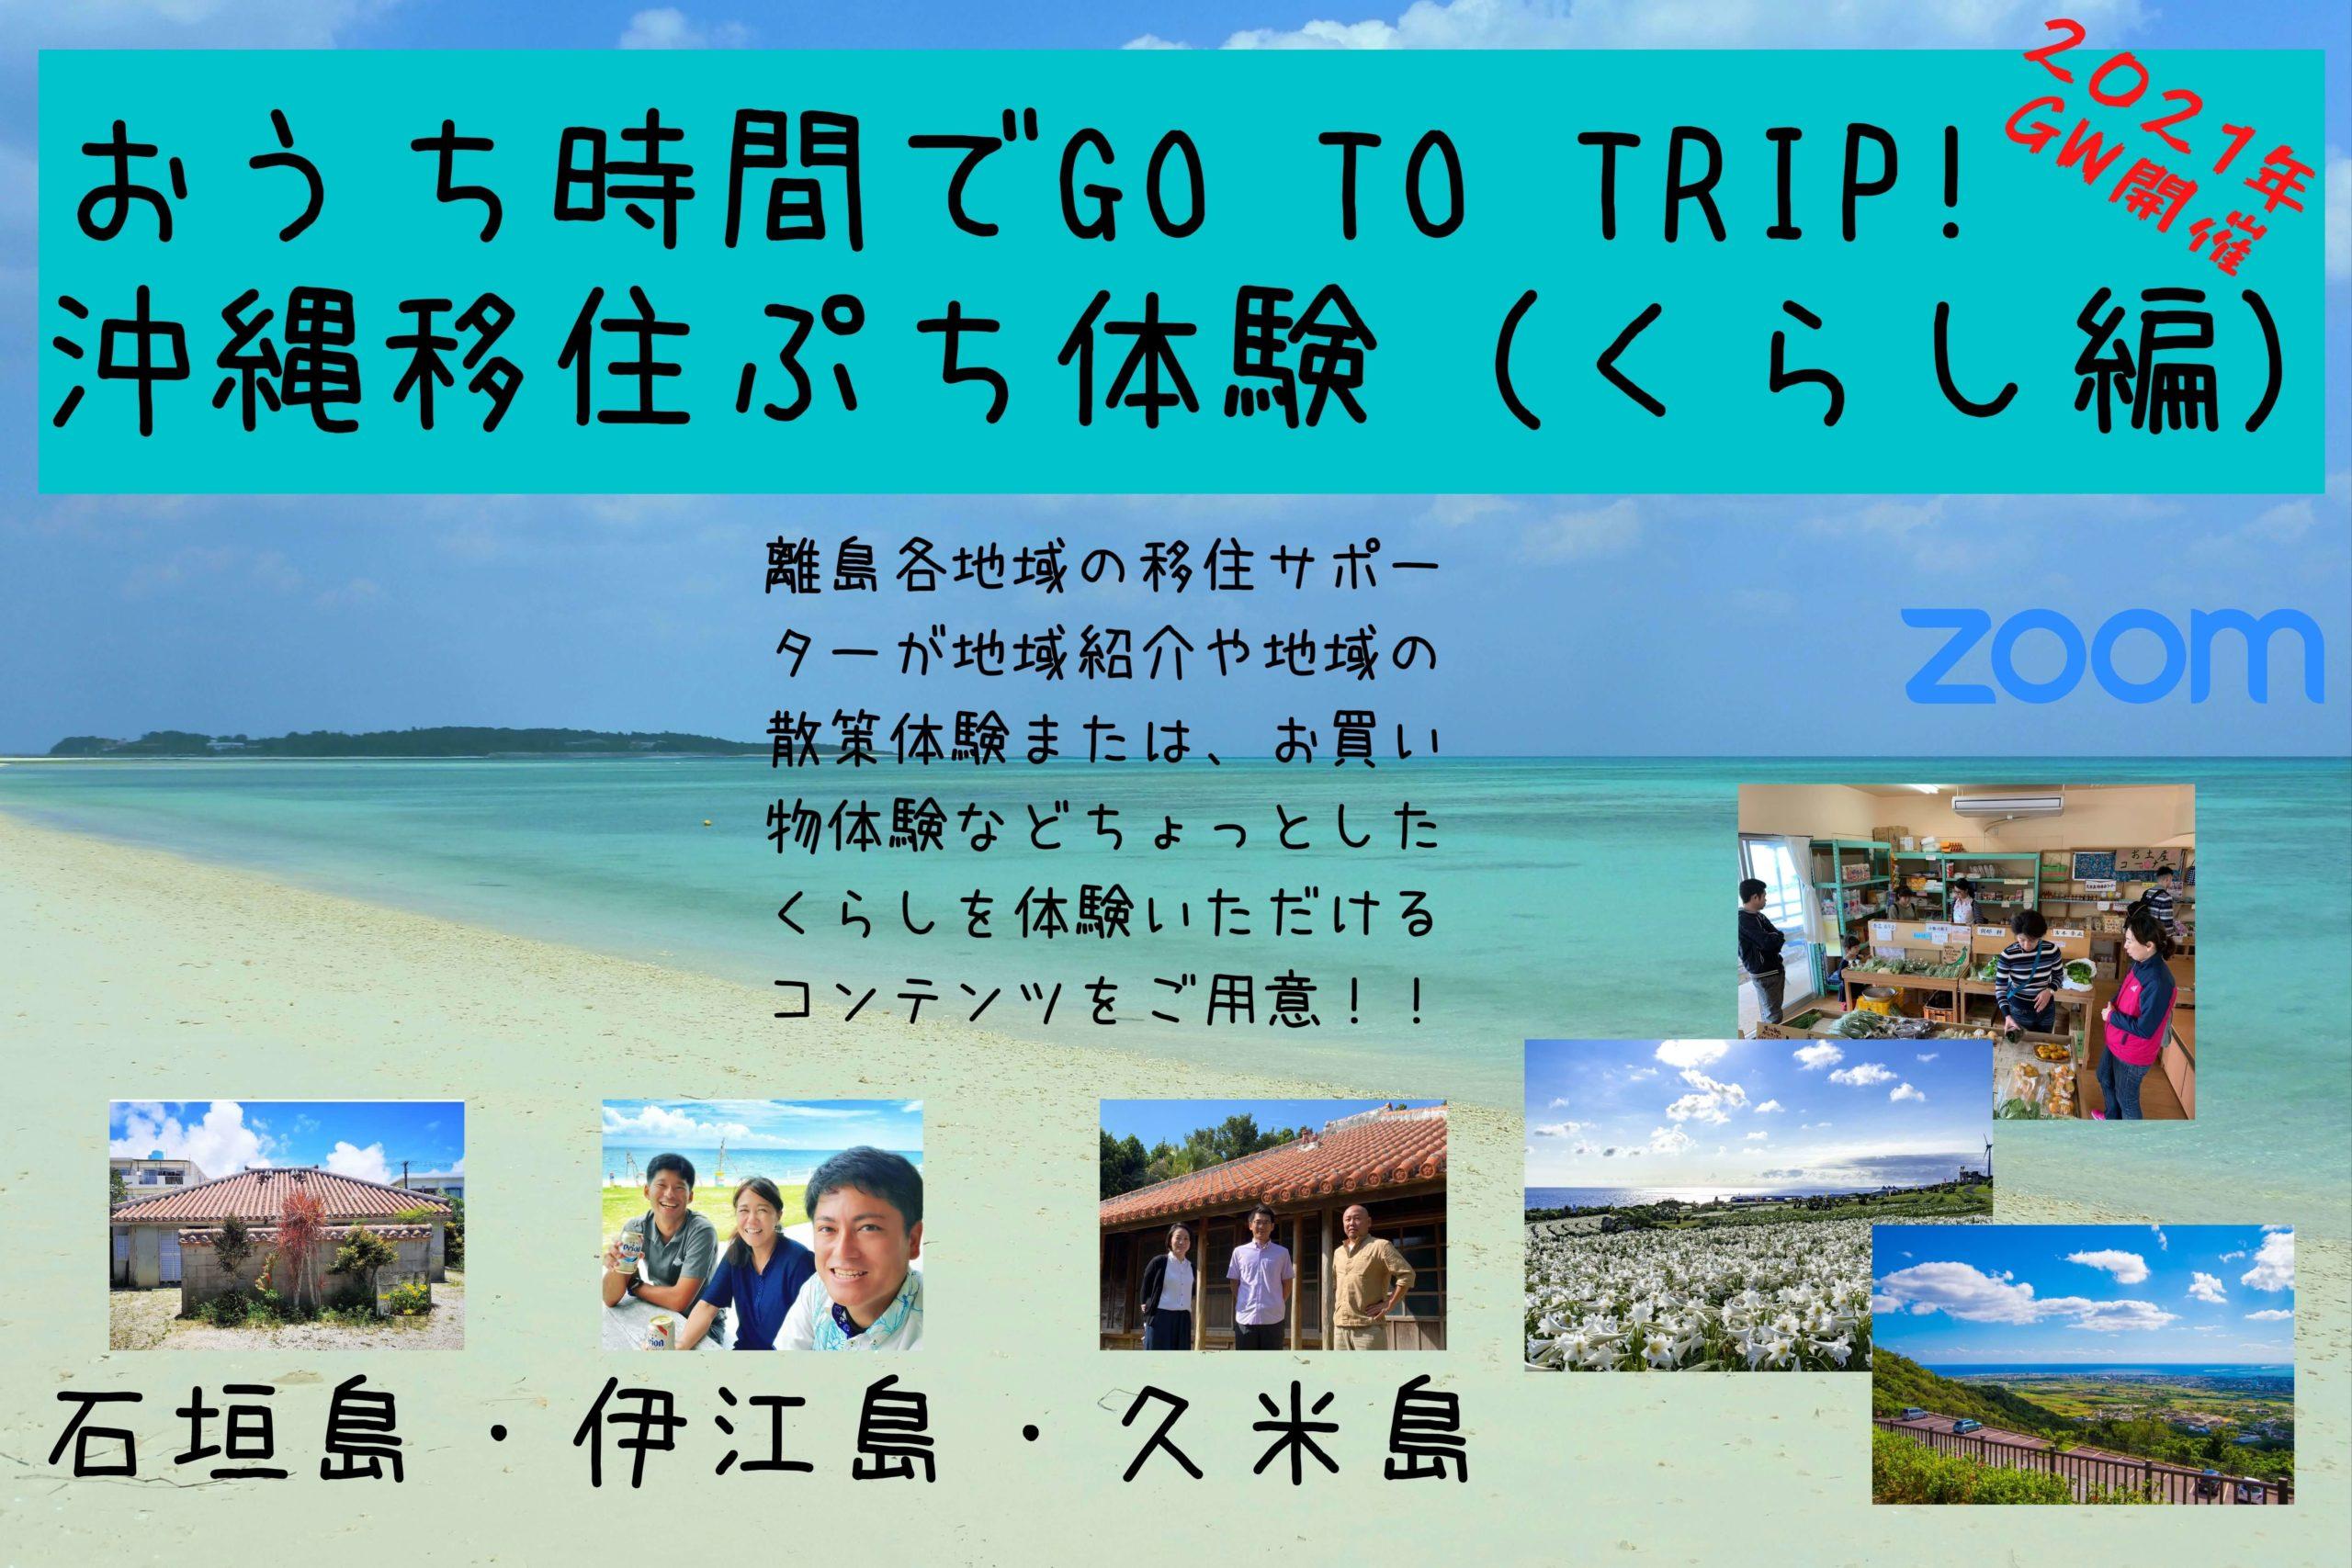 [※受付終了※]おうち時間でGo to trip 沖縄移住プチ体験(くらし編)